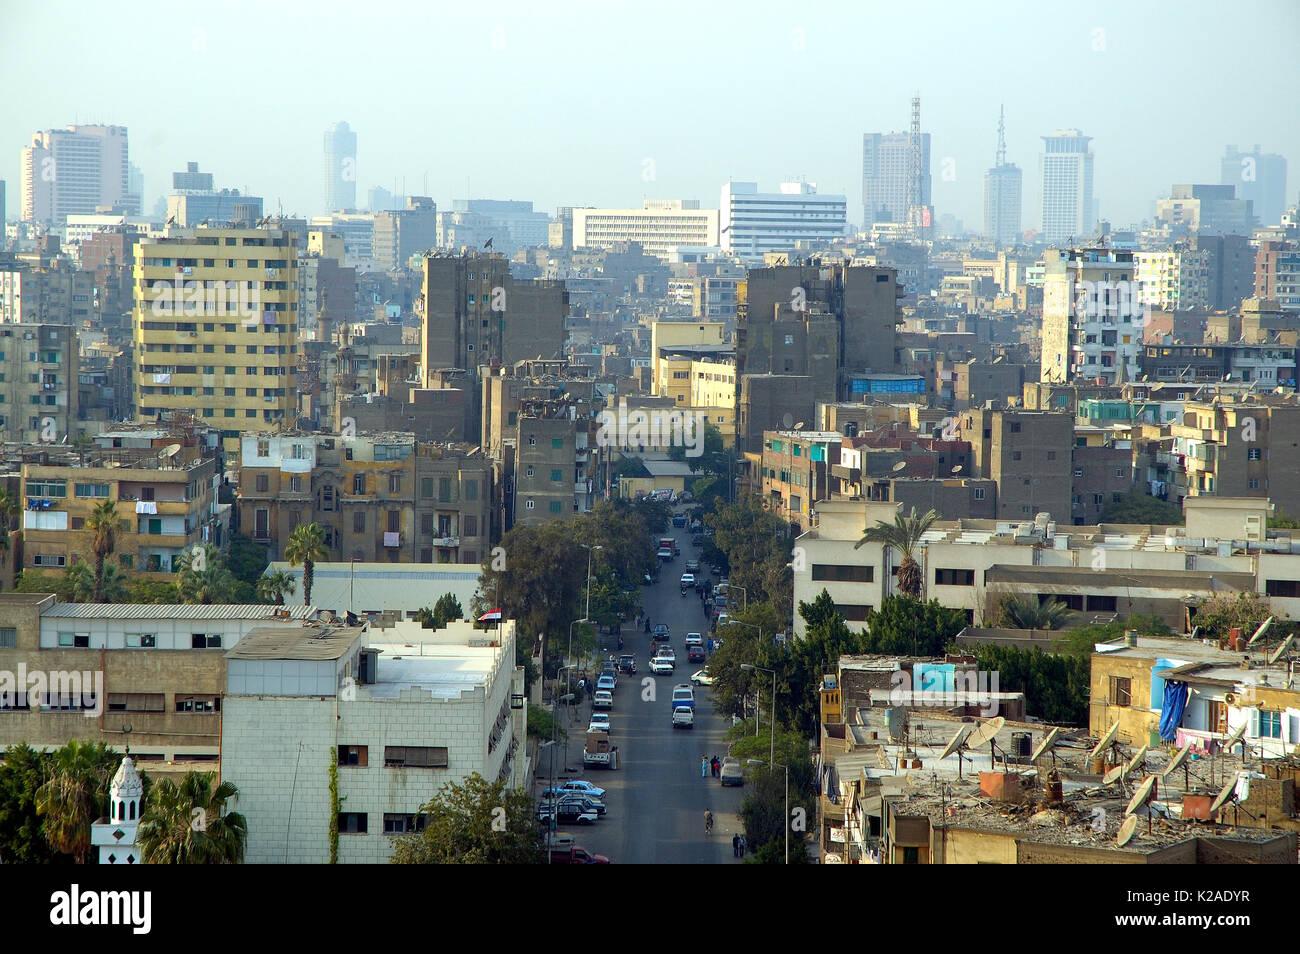 Le vieux Caire. L'Égypte Banque D'Images